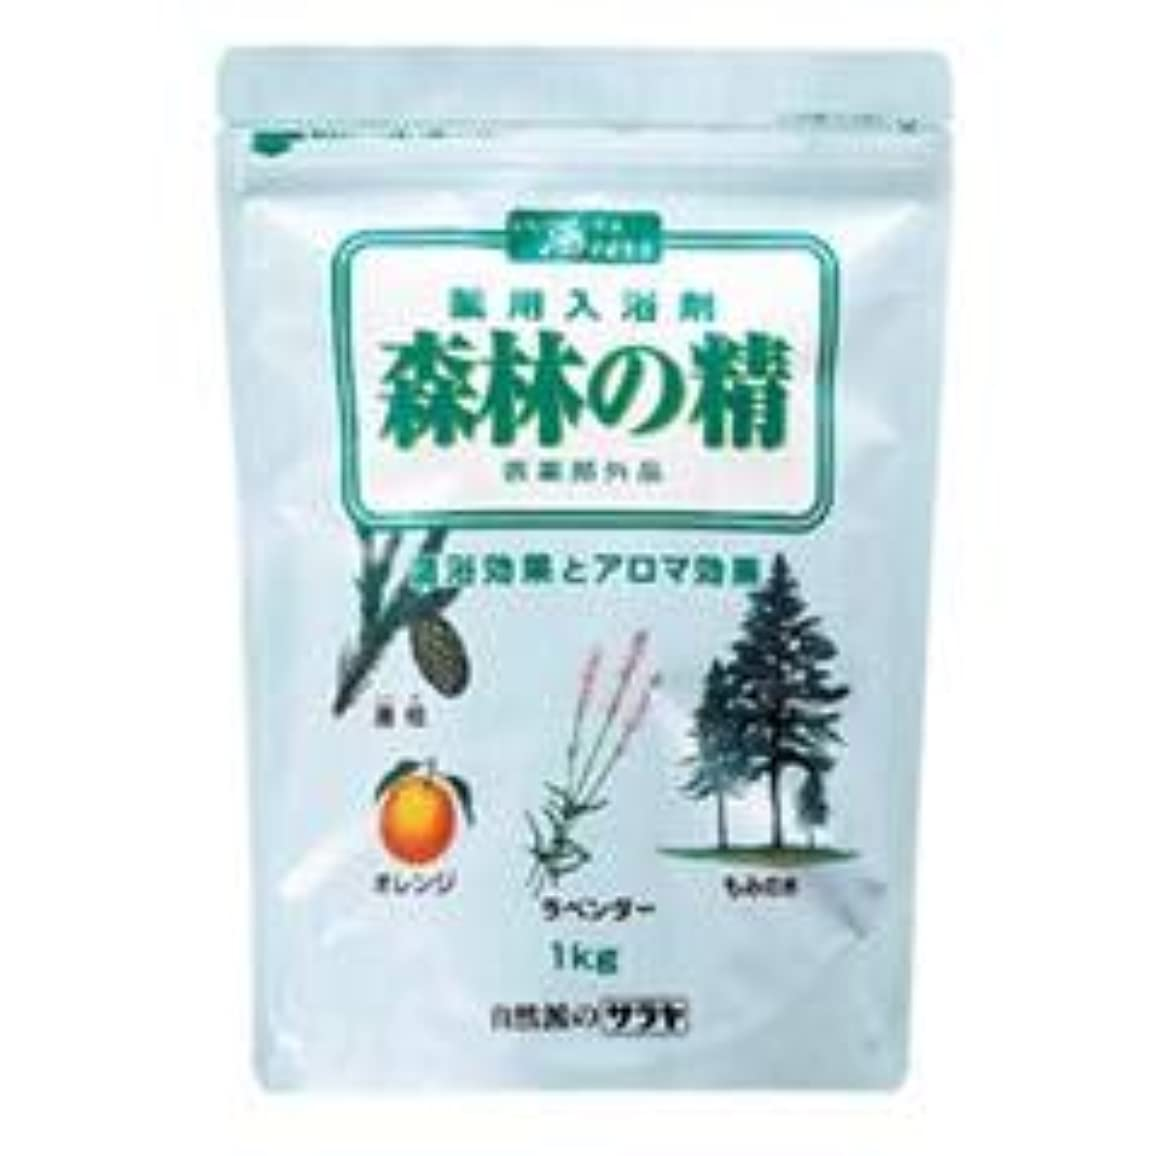 役立つ溝皮サラヤ 薬用入浴剤 森林の精 チャック付 1kg